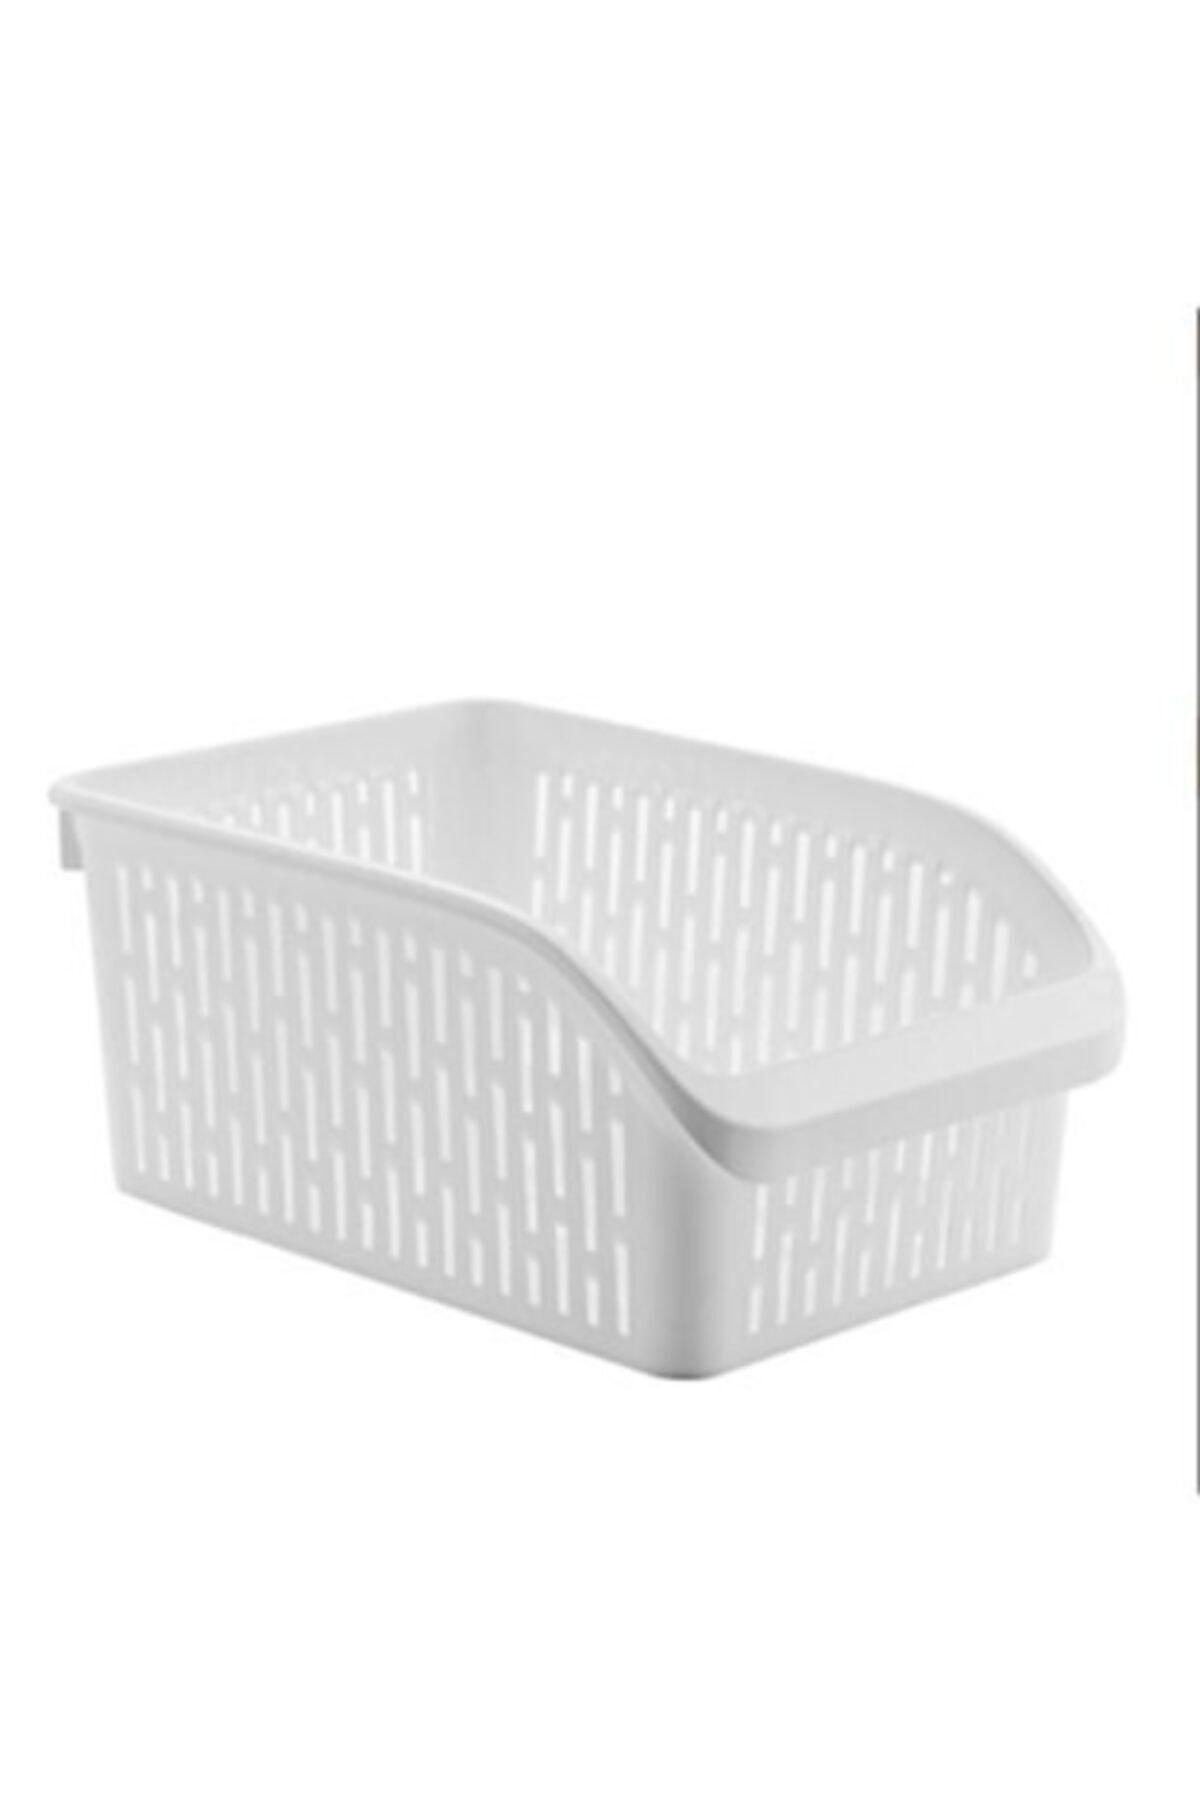 Sas Buzdolabı Sepeti Dolap Içi Düzenleyici Sepet Organizer Beyaz 6 Adet 30x17x16 2